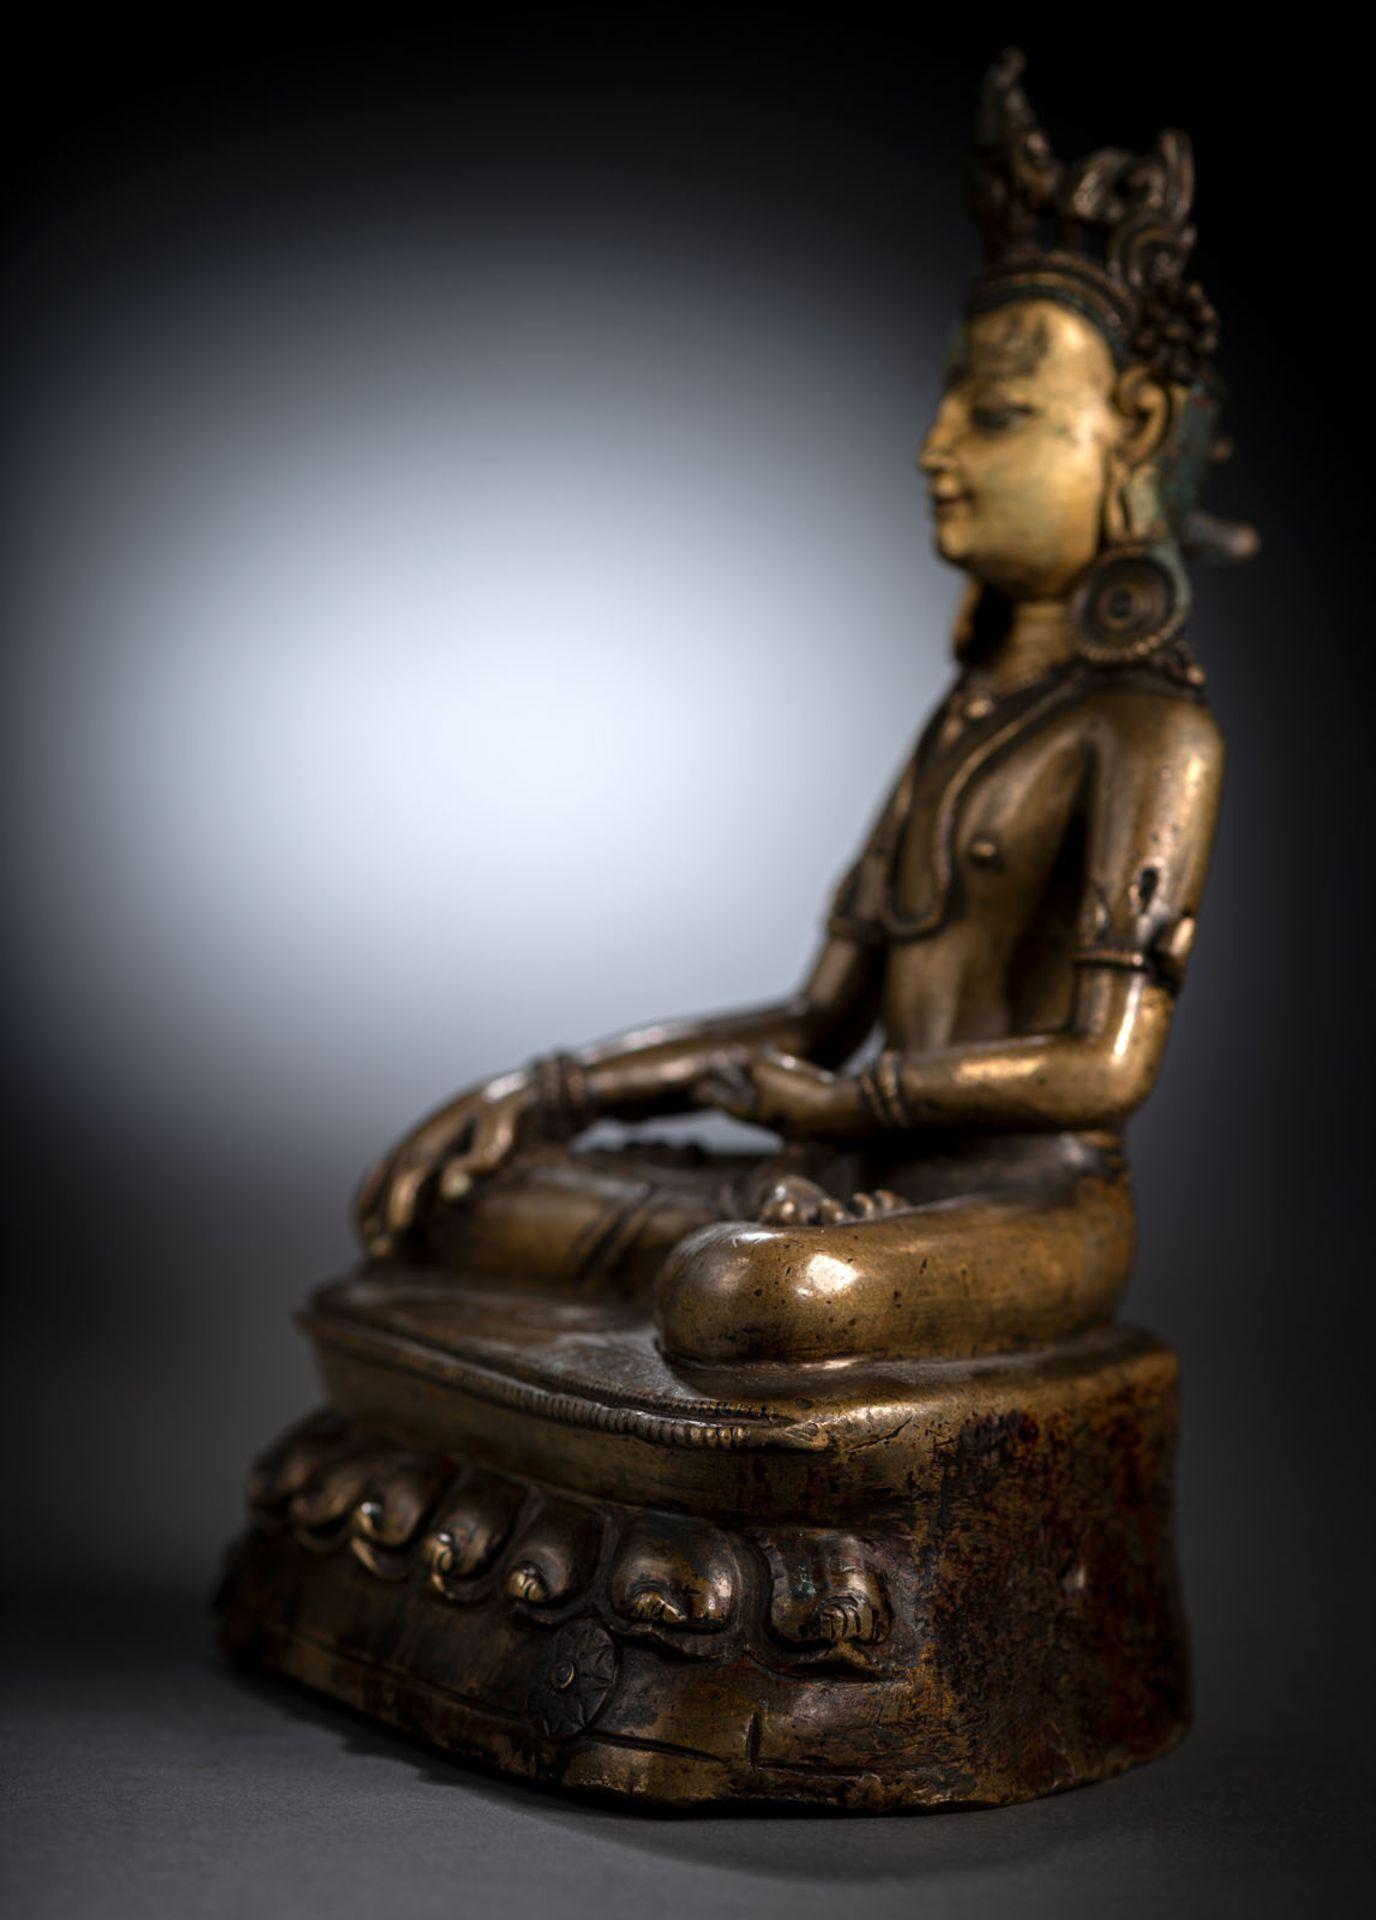 A FINE BRONZE FIGURE OF BUDDHA SHAKYAMUNI - Image 3 of 3